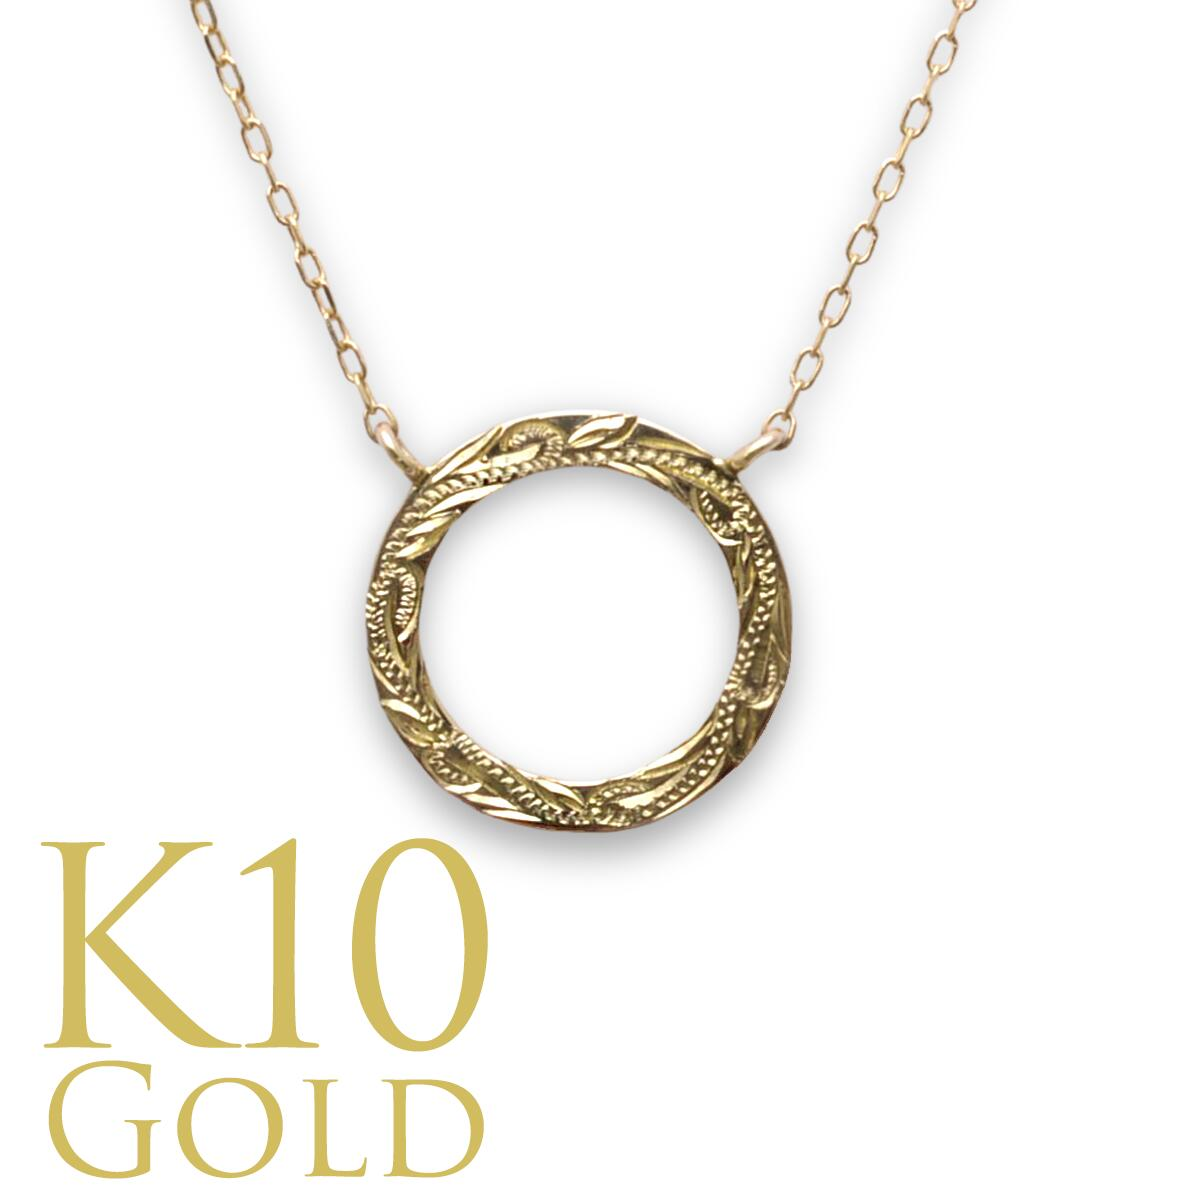 感謝を込めて♪期間限定特別価格 ゴールドネックレス ハワイアンジュエリー K10 10金 10K ラウンドサークルペンダント 華奢 シンプル イエローゴールド ane1624